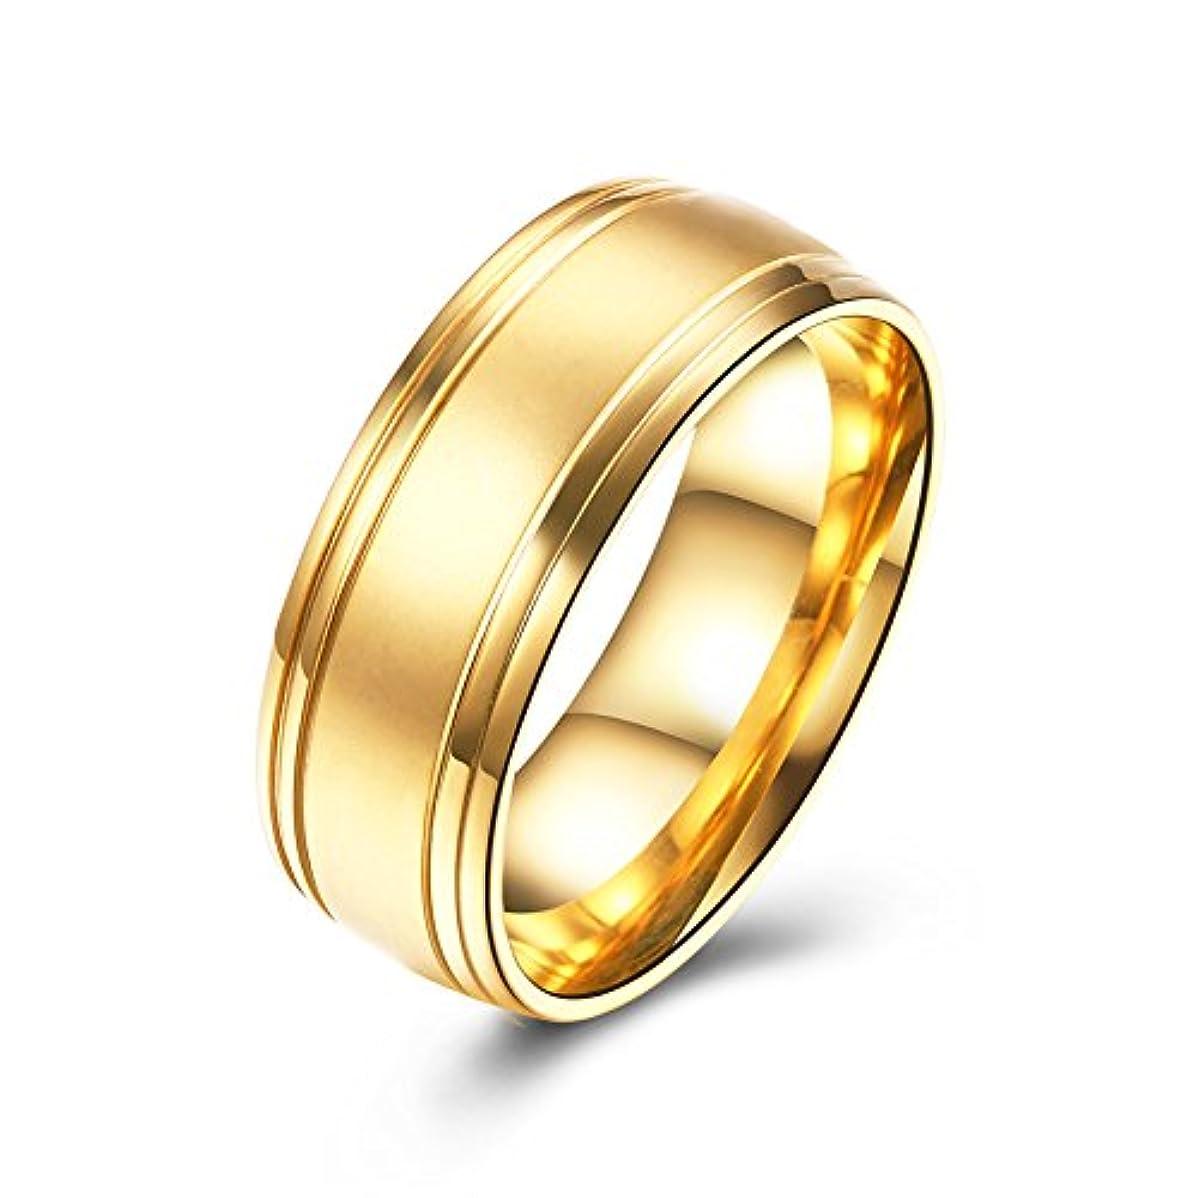 流行アクセサリー バレンタインデーのカップルの指輪 ステンレススタンダードリング アレルギーを防ぐ 色あせない